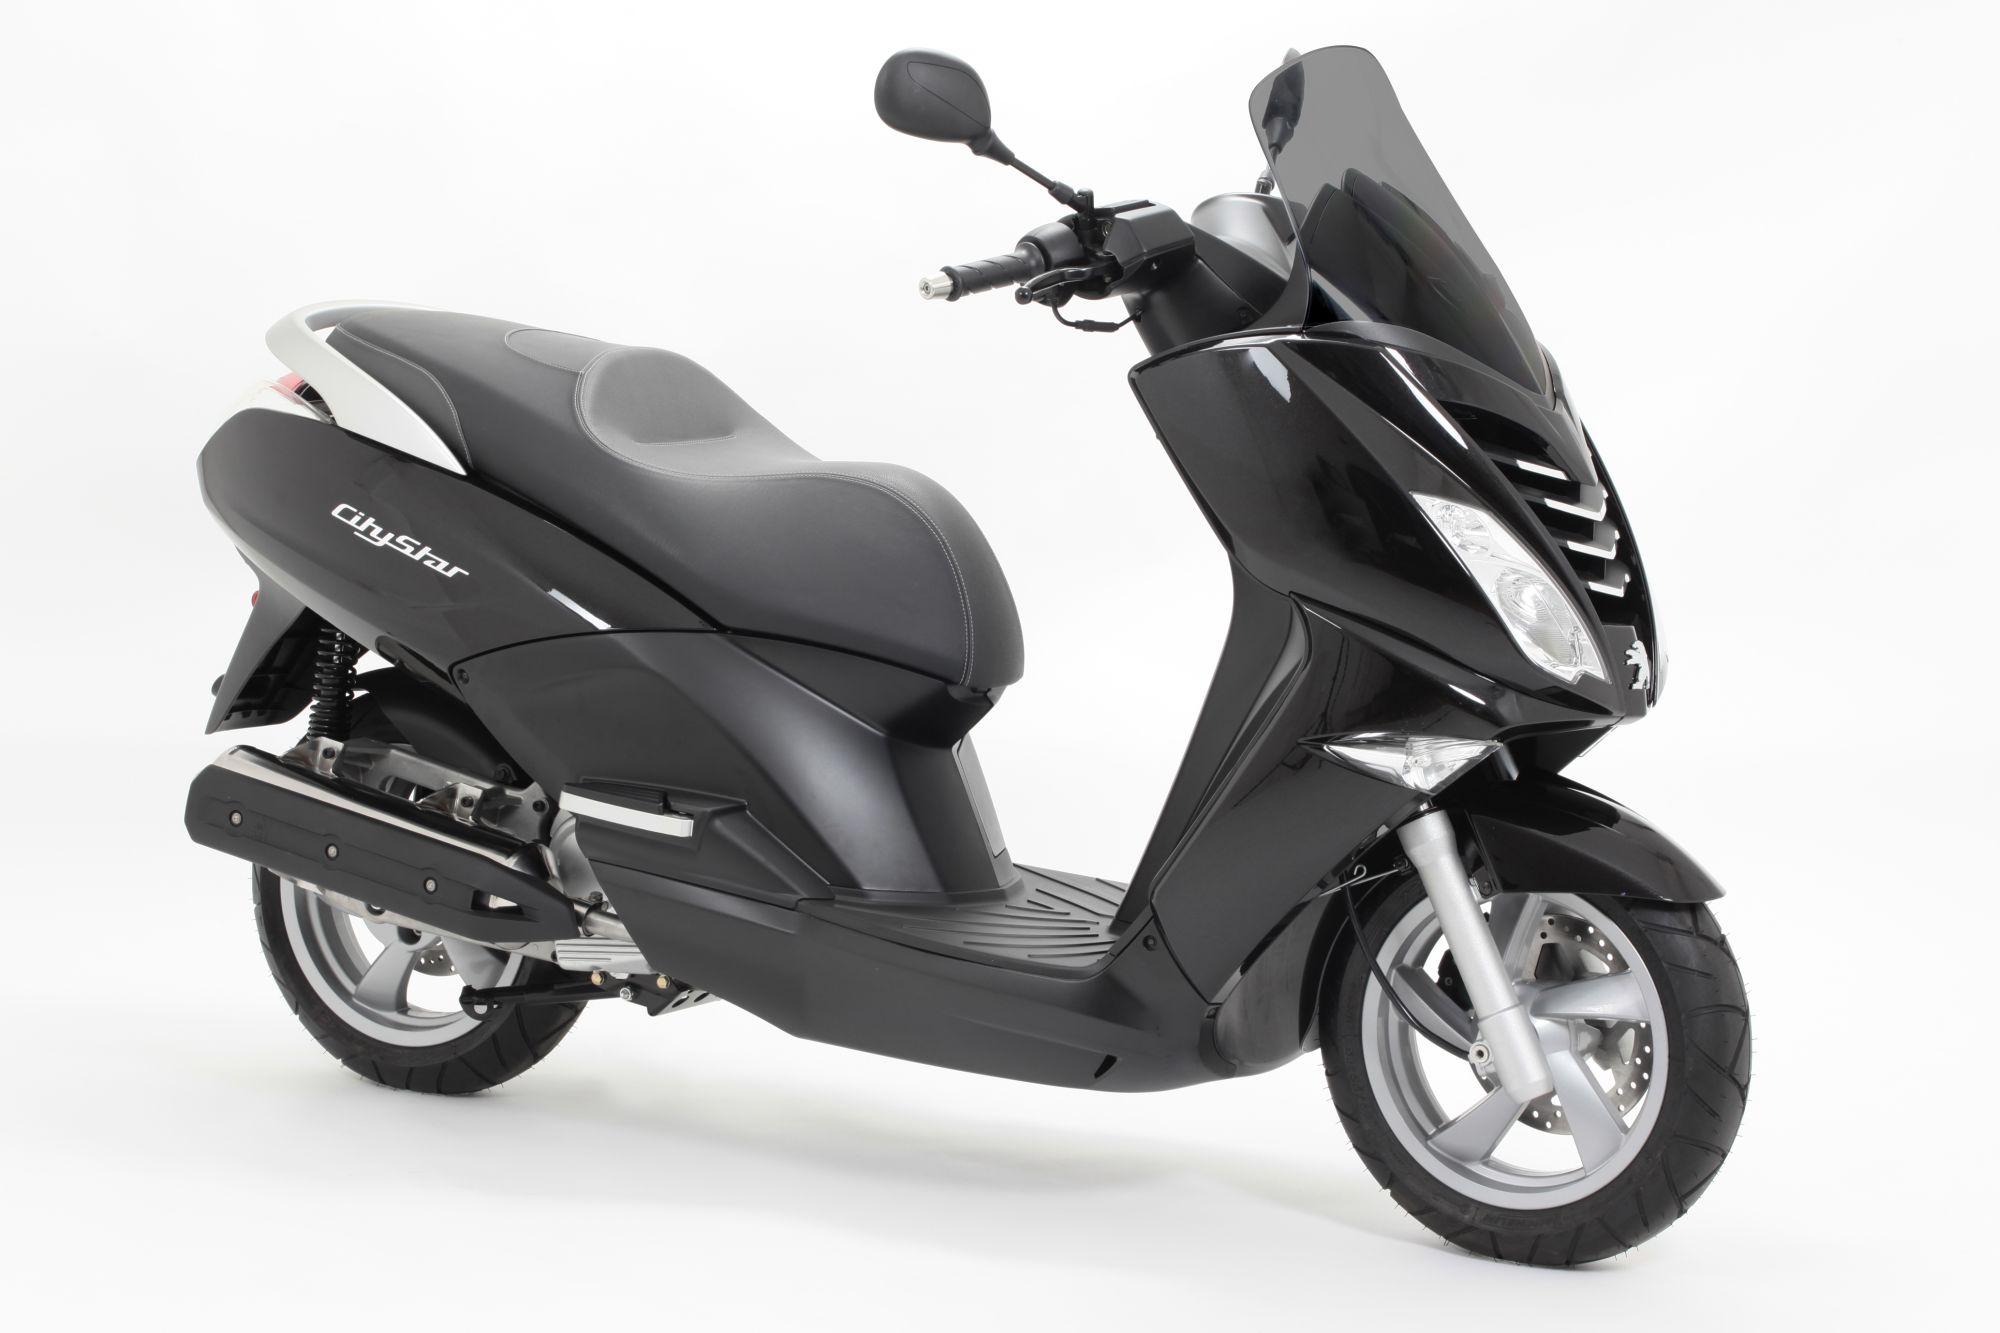 gebrauchte und neue peugeot citystar 200 motorräder kaufen